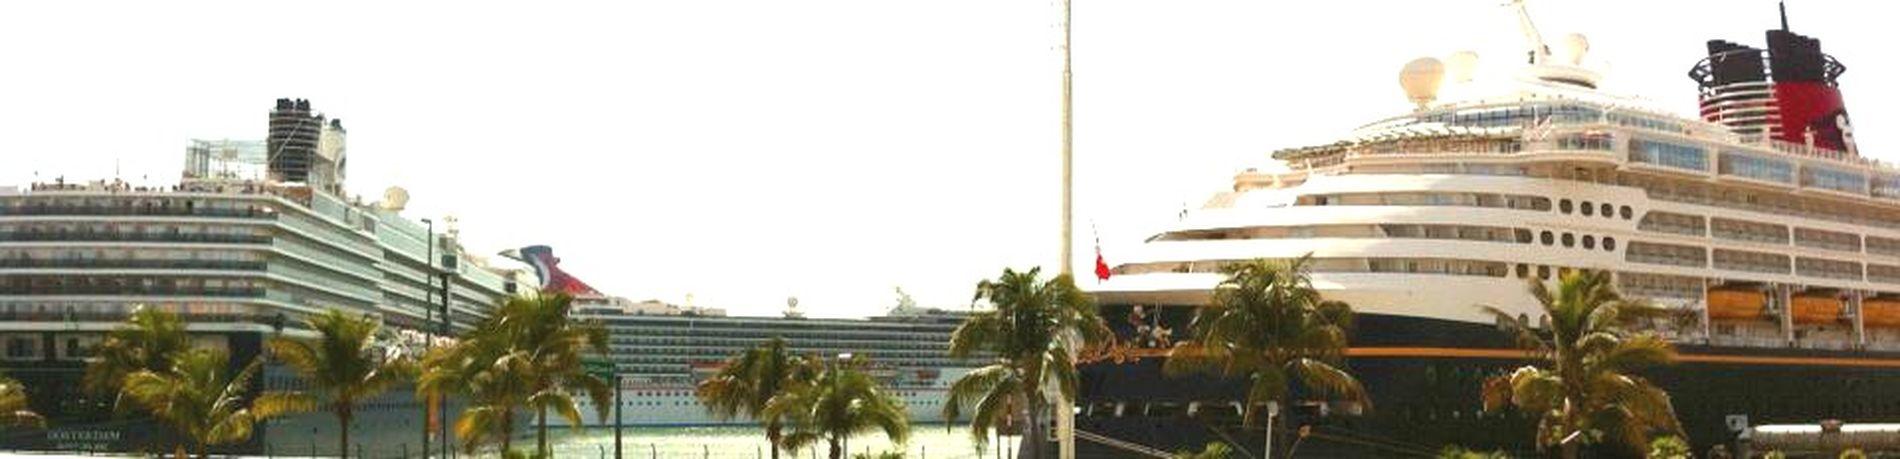 Puerto Vallarta Cruise Ship Ship Cruise